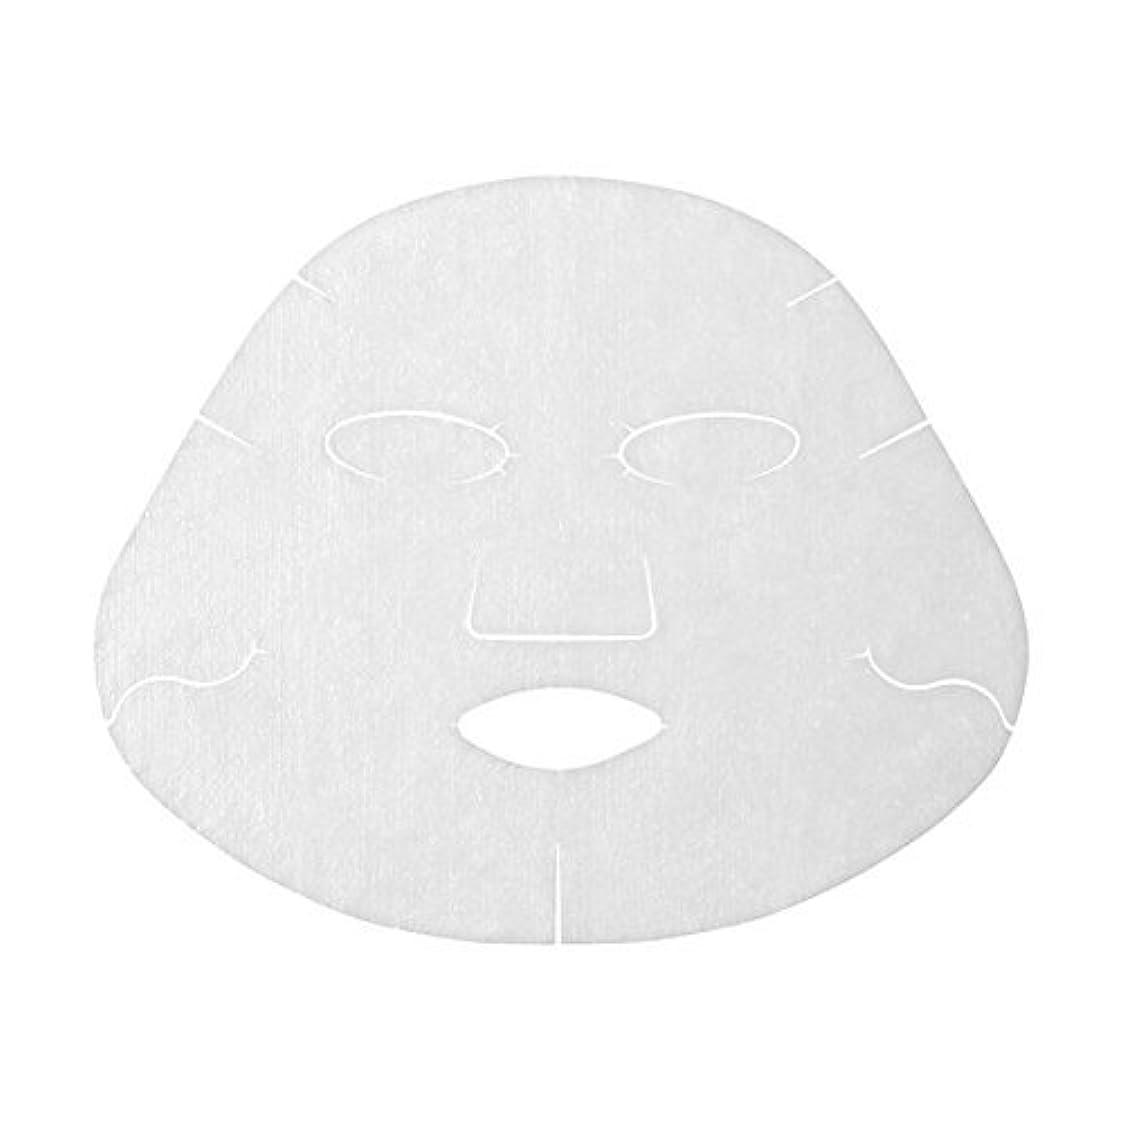 一見すぐに世界アクアレーベル リセットホワイトマスク <1枚入り> 18mL×1枚×3個